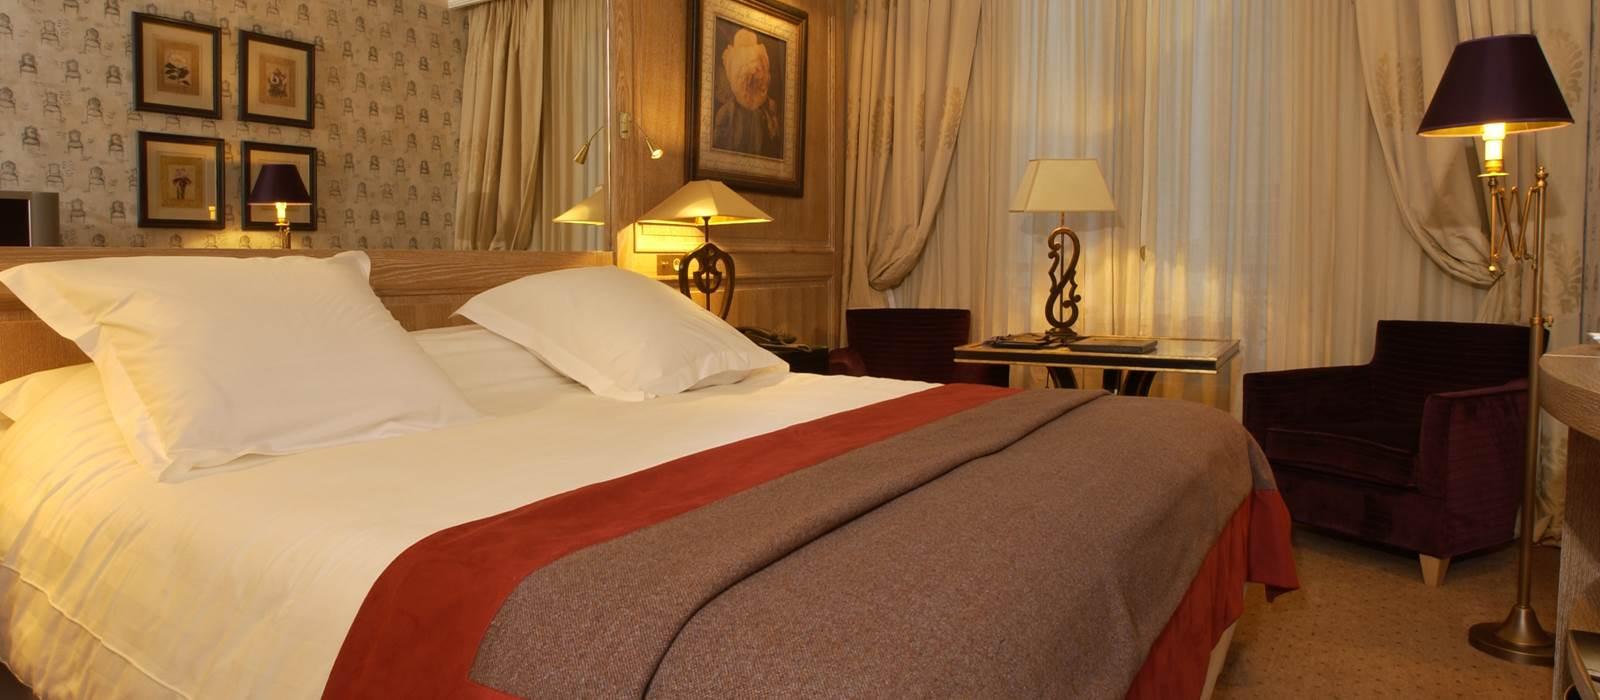 H tel amarante champs elys es jjw hotels resorts for Chambre de hotel france